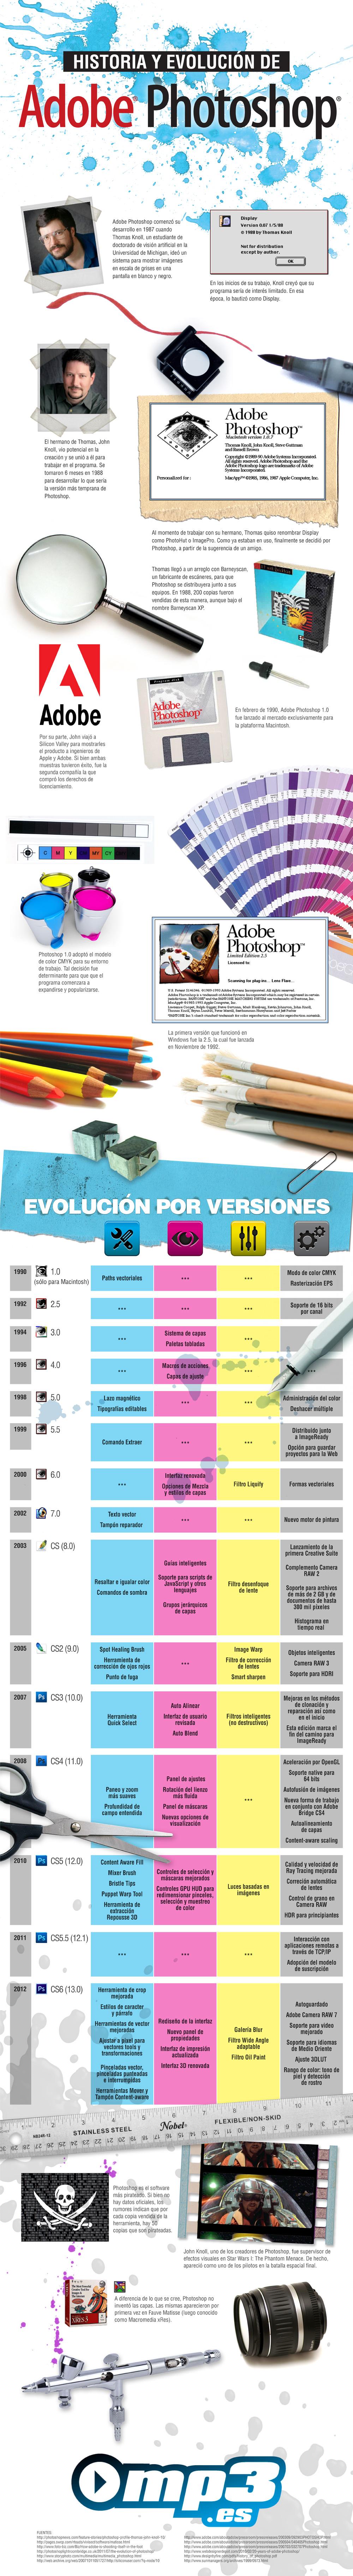 Infografía: Historia y Evolución de Adobe Photoshop